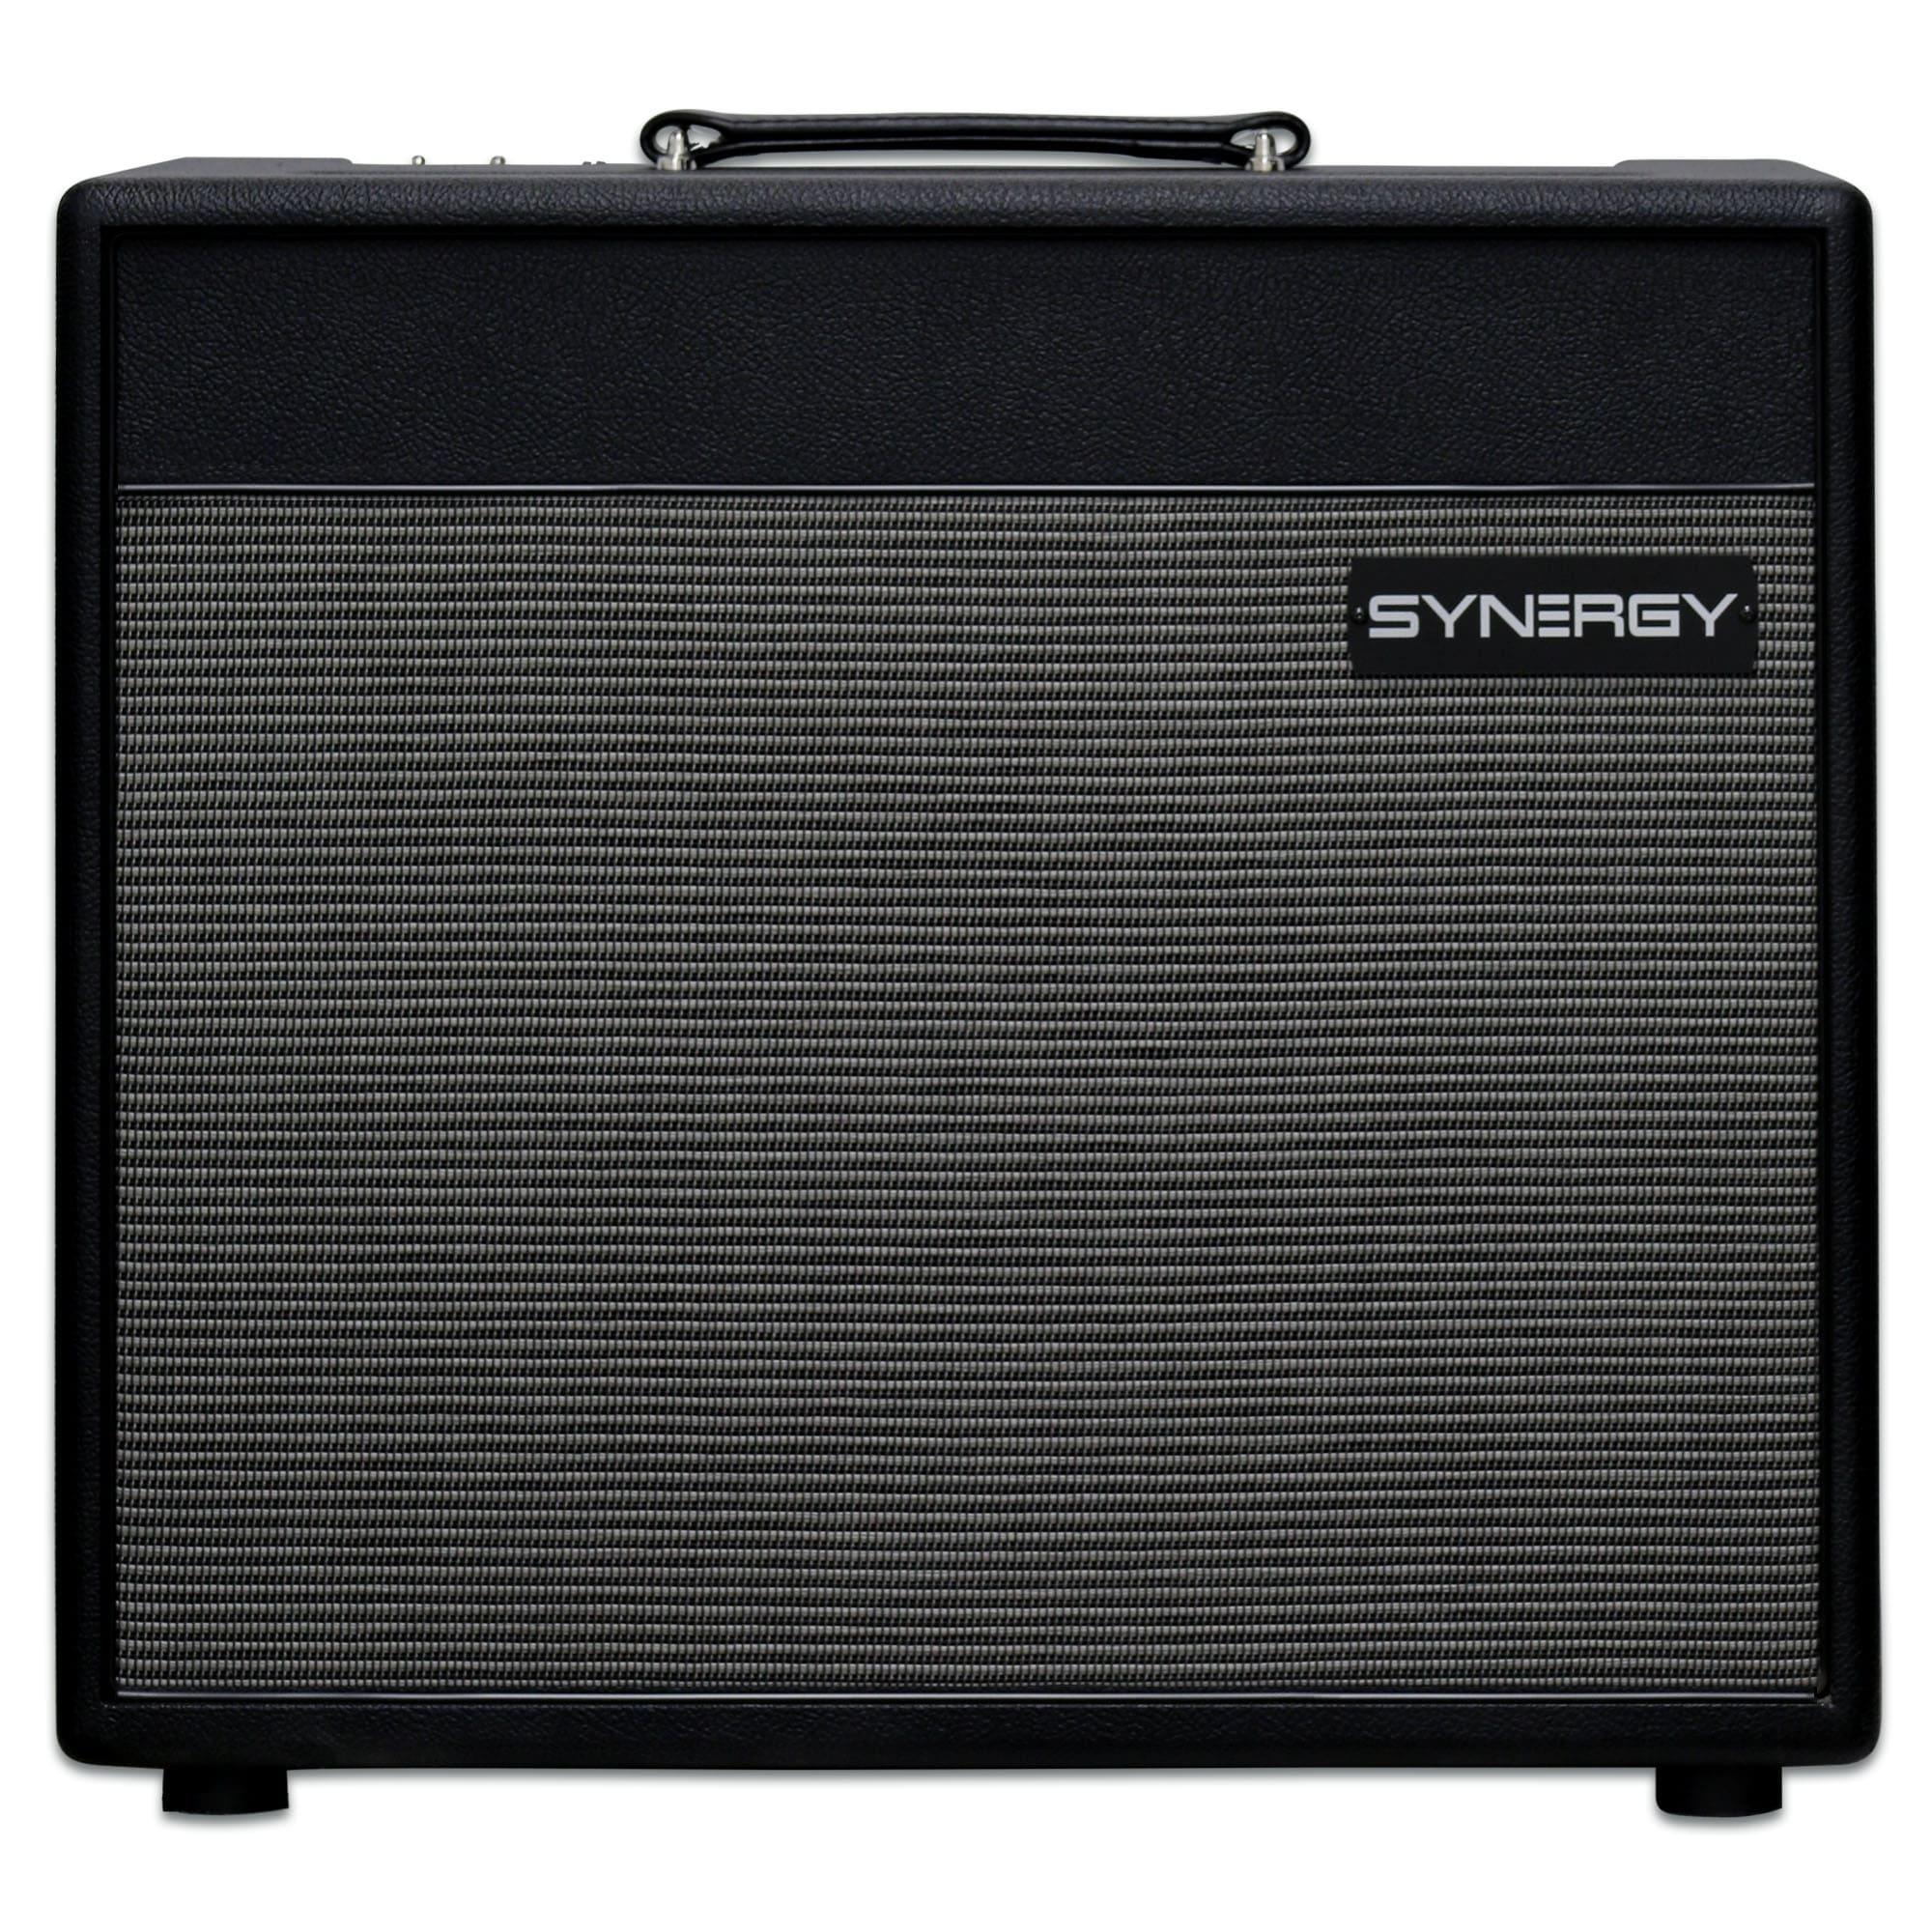 SYN30